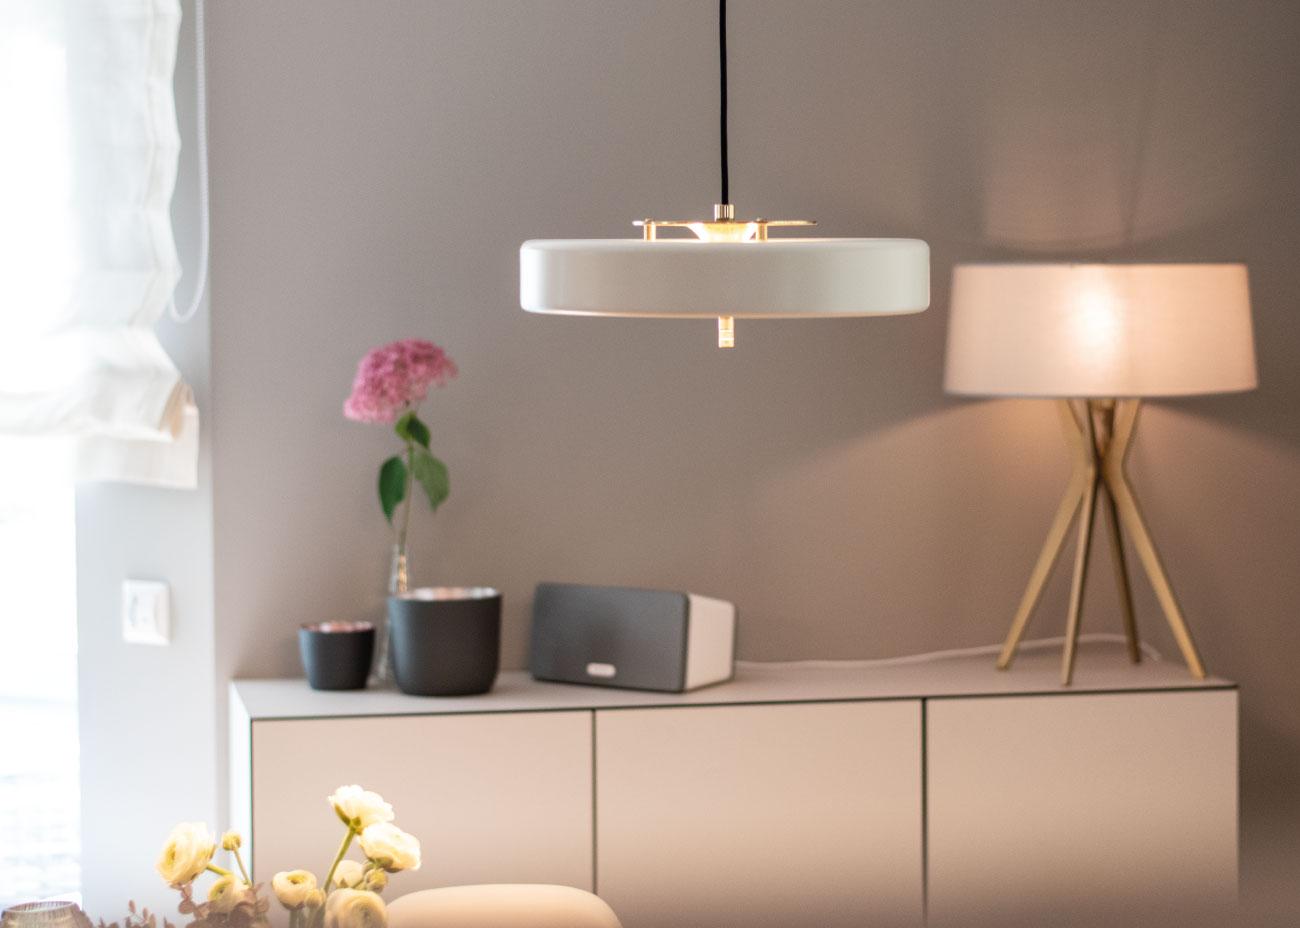 Wohnung dekorieren Einrichtungsideen Deko Dekotipps Dekoideen Inspiration Wohnungsdeko Wohnung schöne Deko